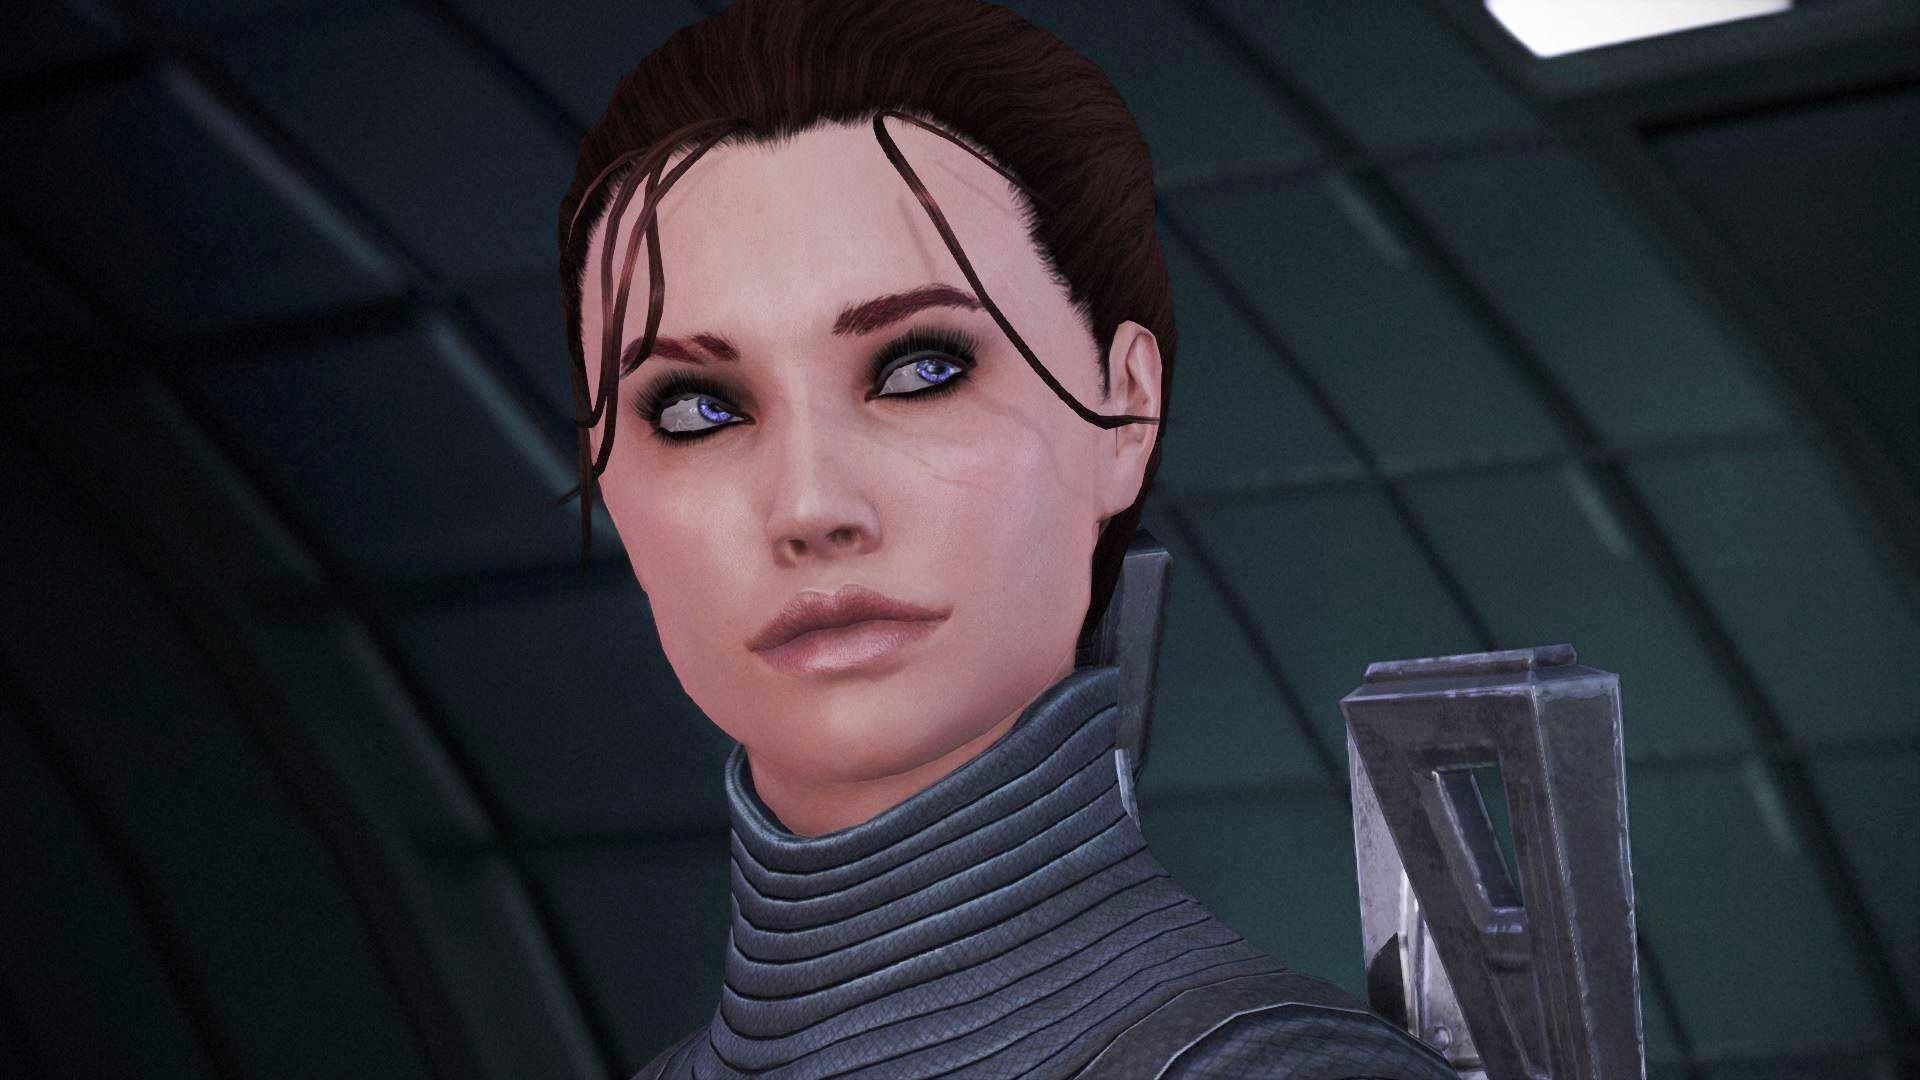 Mass Effect Legendary Edition face codes